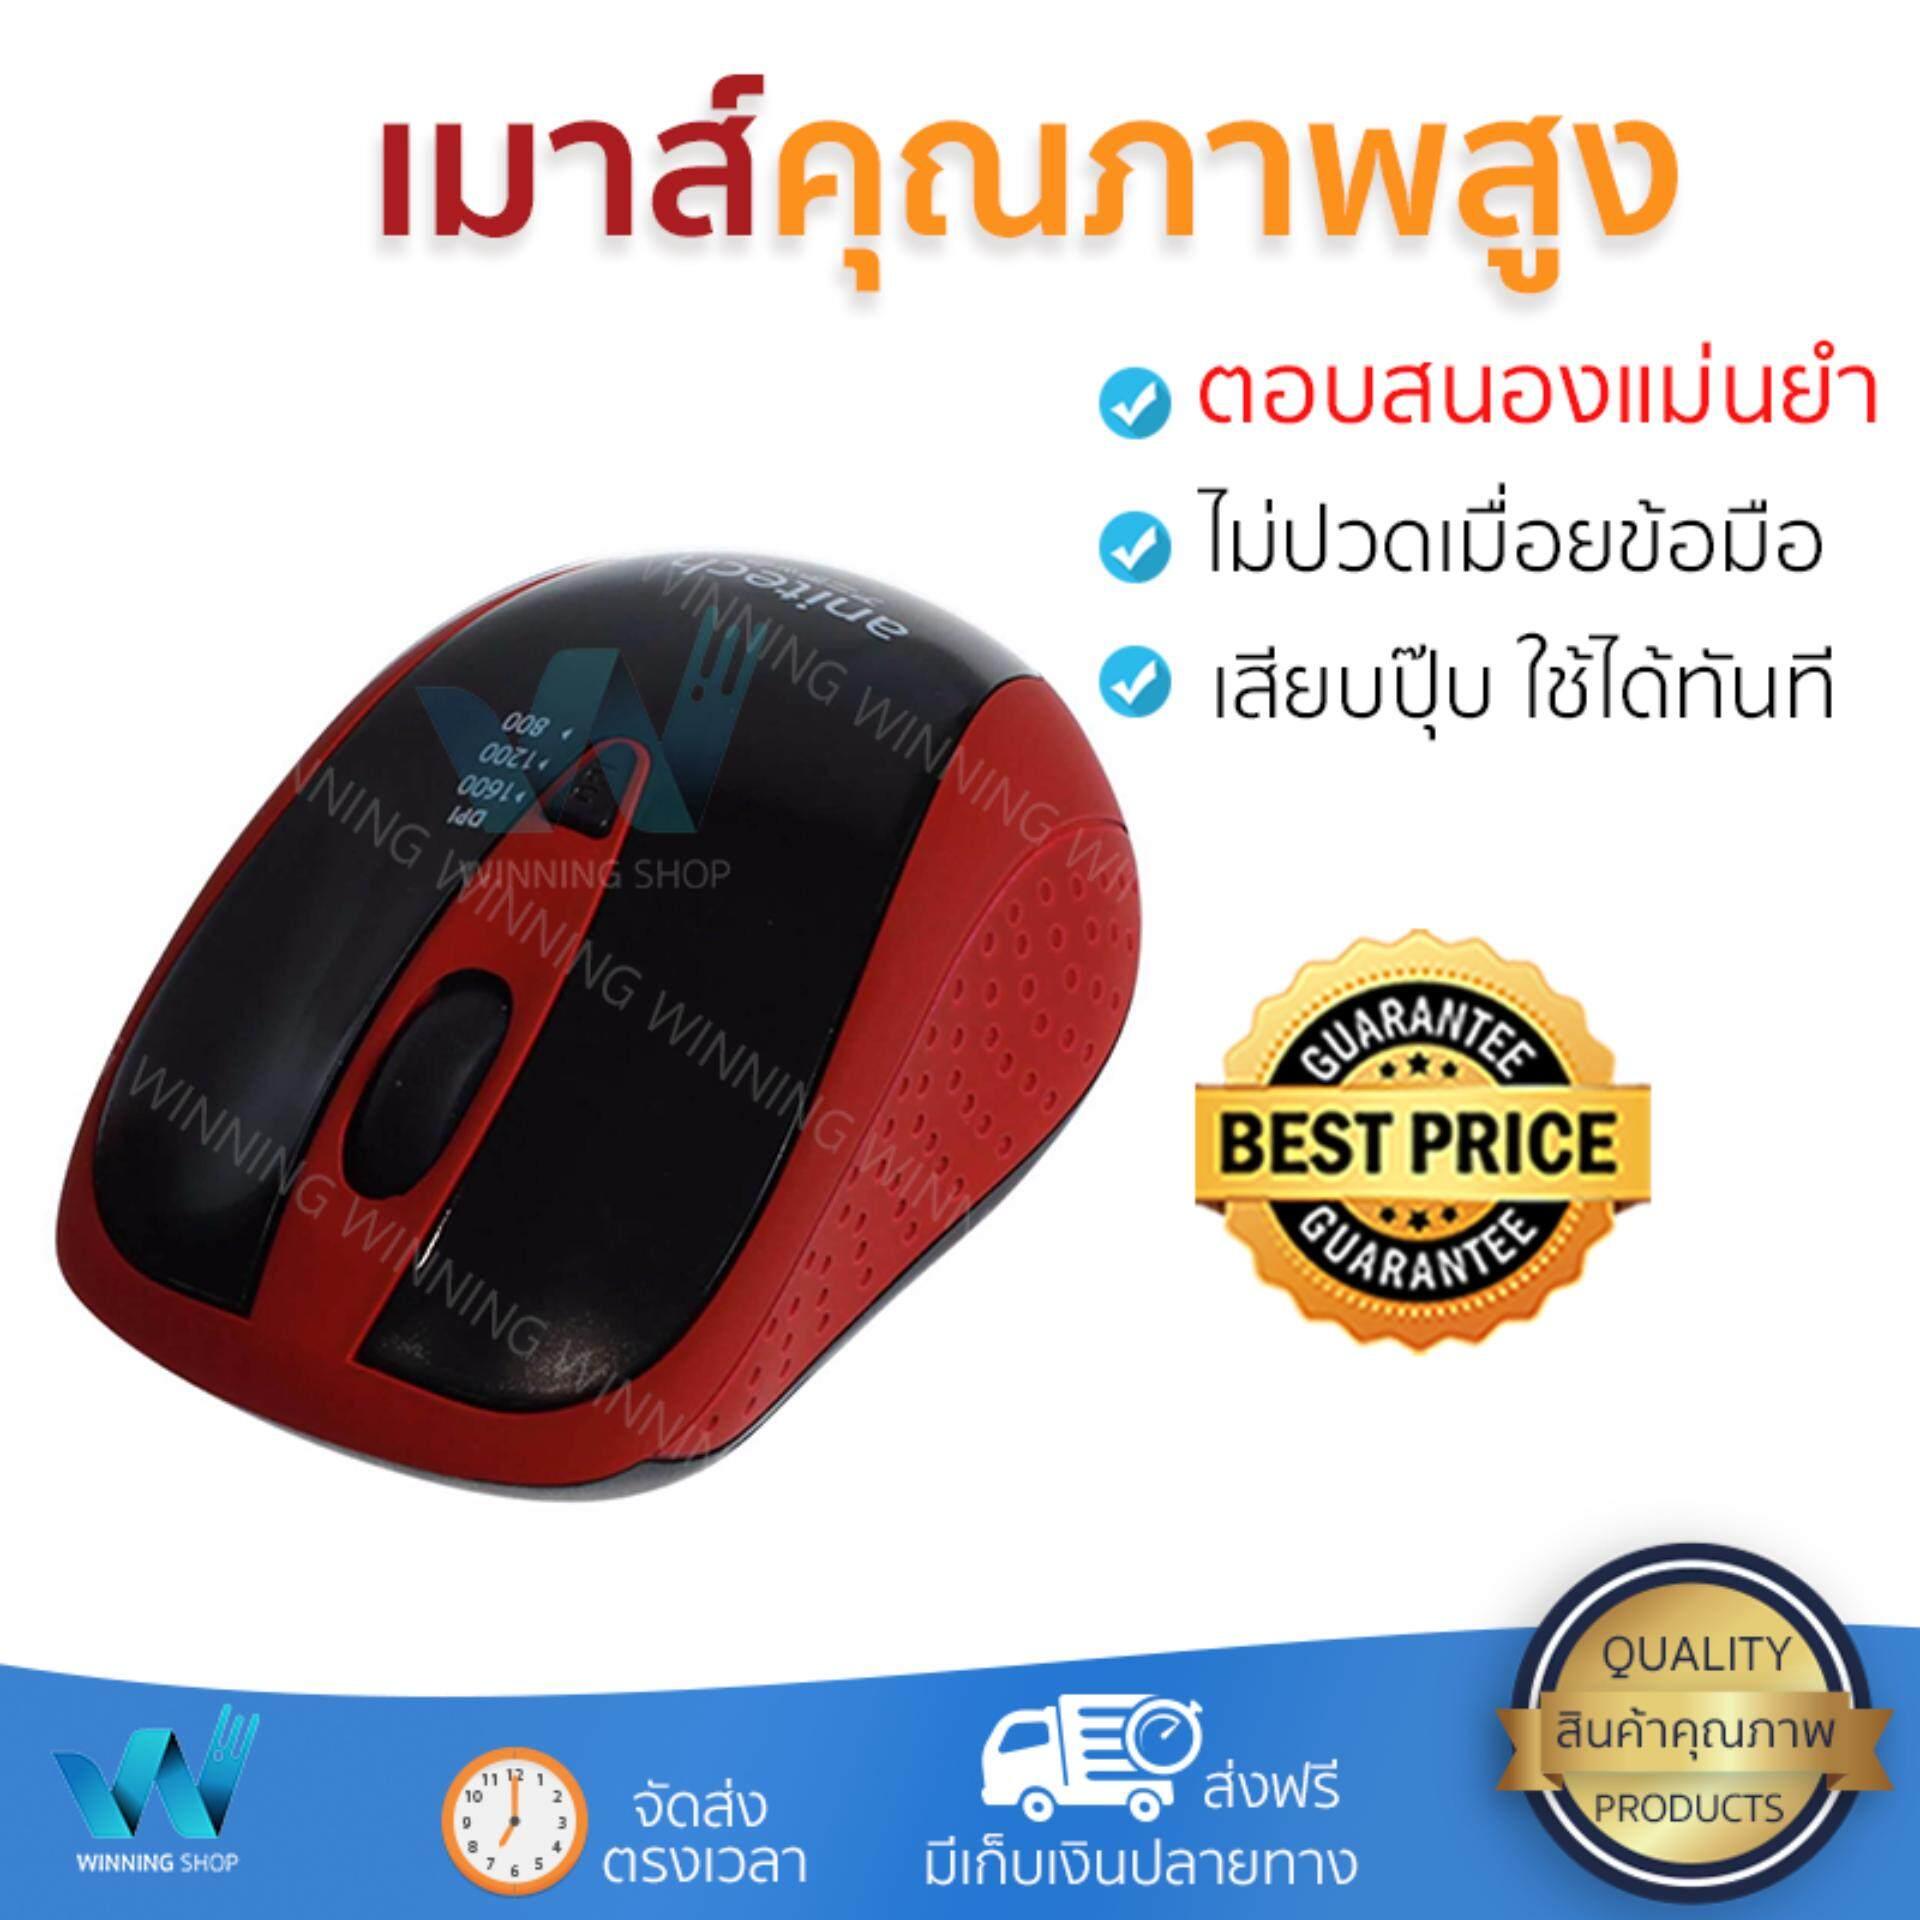 รุ่นใหม่ล่าสุด เมาส์           ANITECH เมาส์ไร้สาย (สีแดง) รุ่น W214RD             เซนเซอร์คุณภาพสูง ทำงานได้ลื่นไหล ไม่มีสะดุด Computer Mouse  รับประกันสินค้า 1 ปี จัดส่งฟรี Kerry ทั่วประเทศ